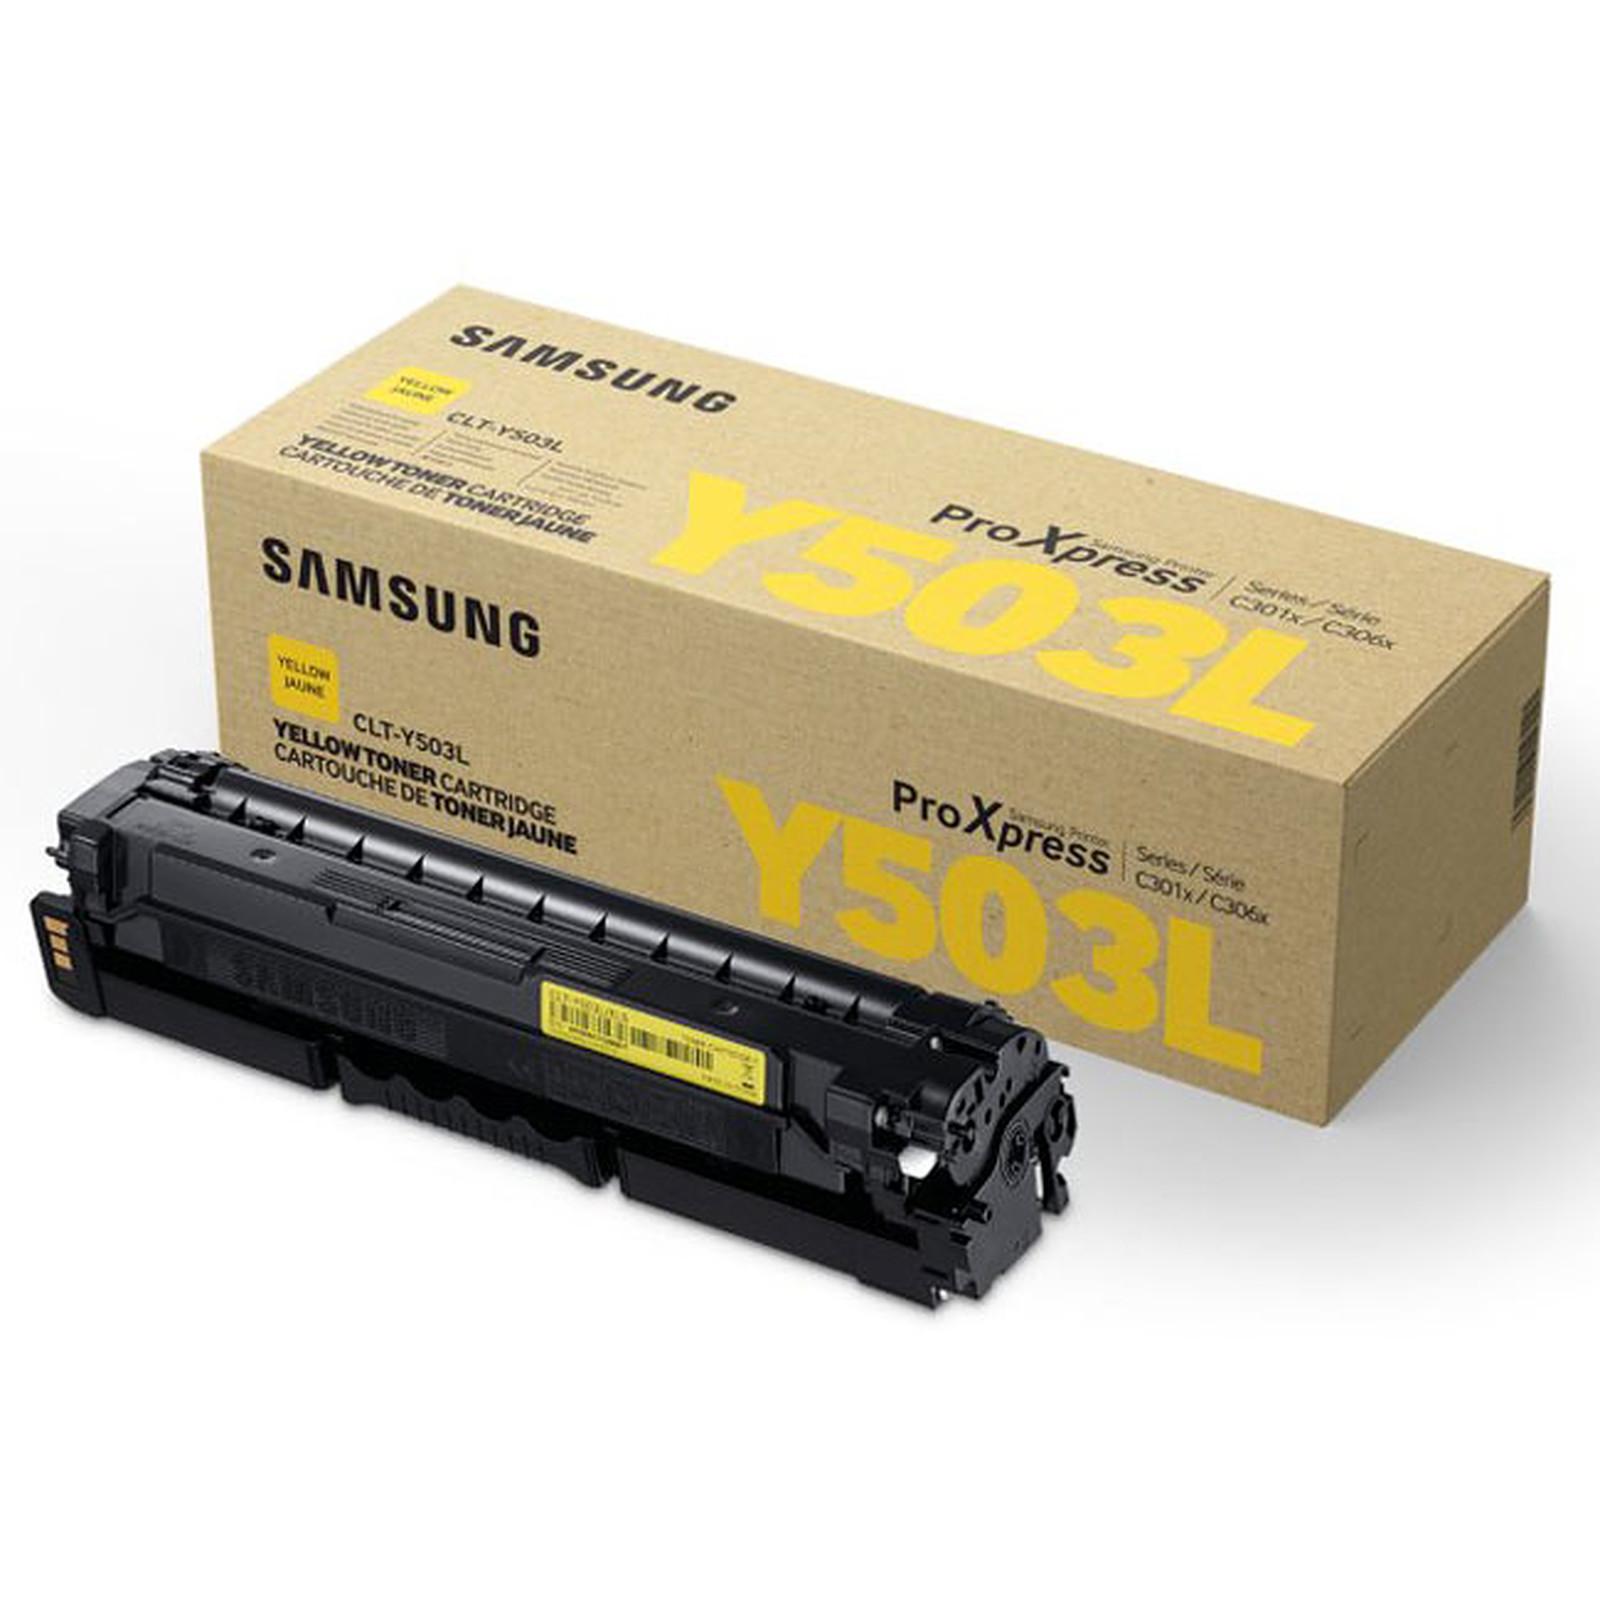 Samsung CLT-Y503L